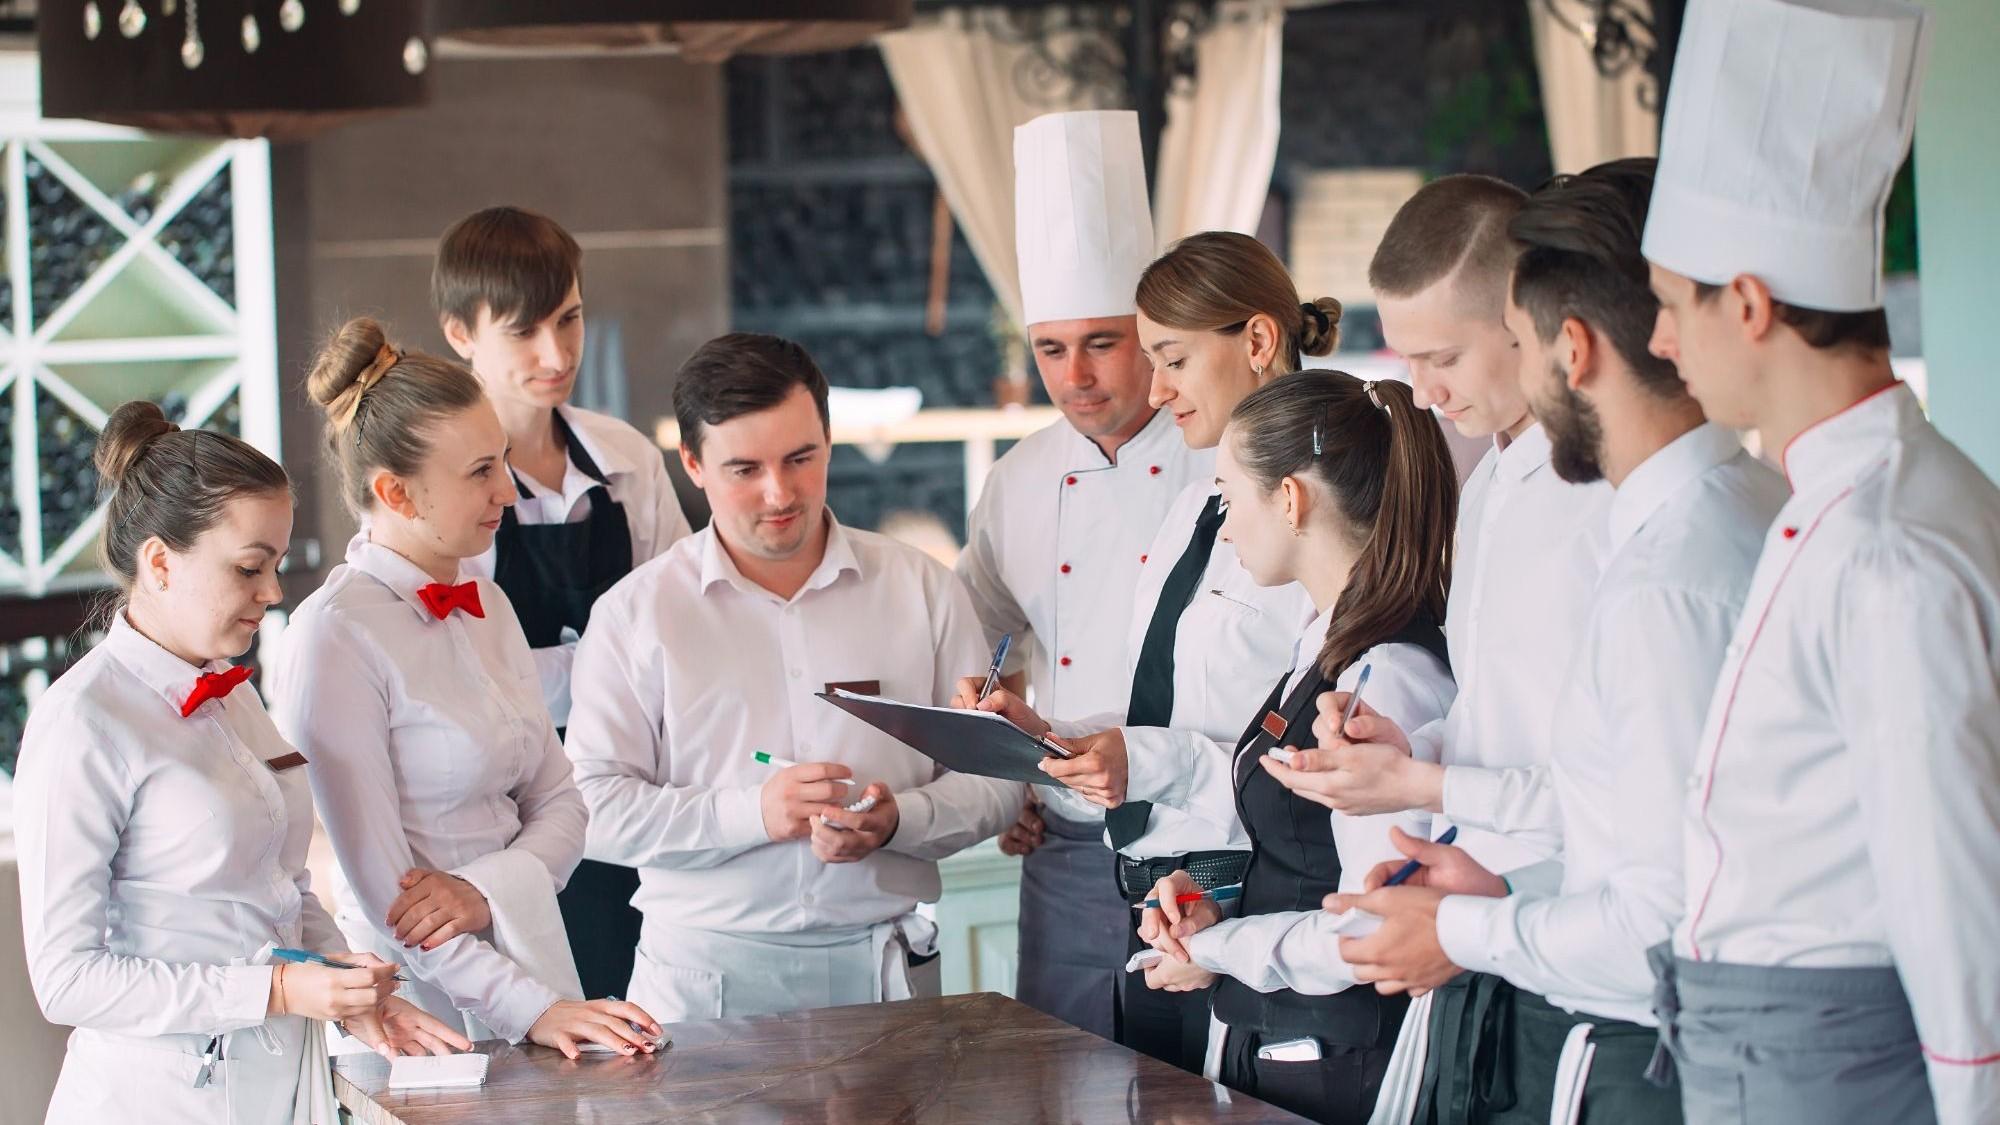 Représentation de la formation : COL12 - Management de proximité : communiquez avec vos équipes